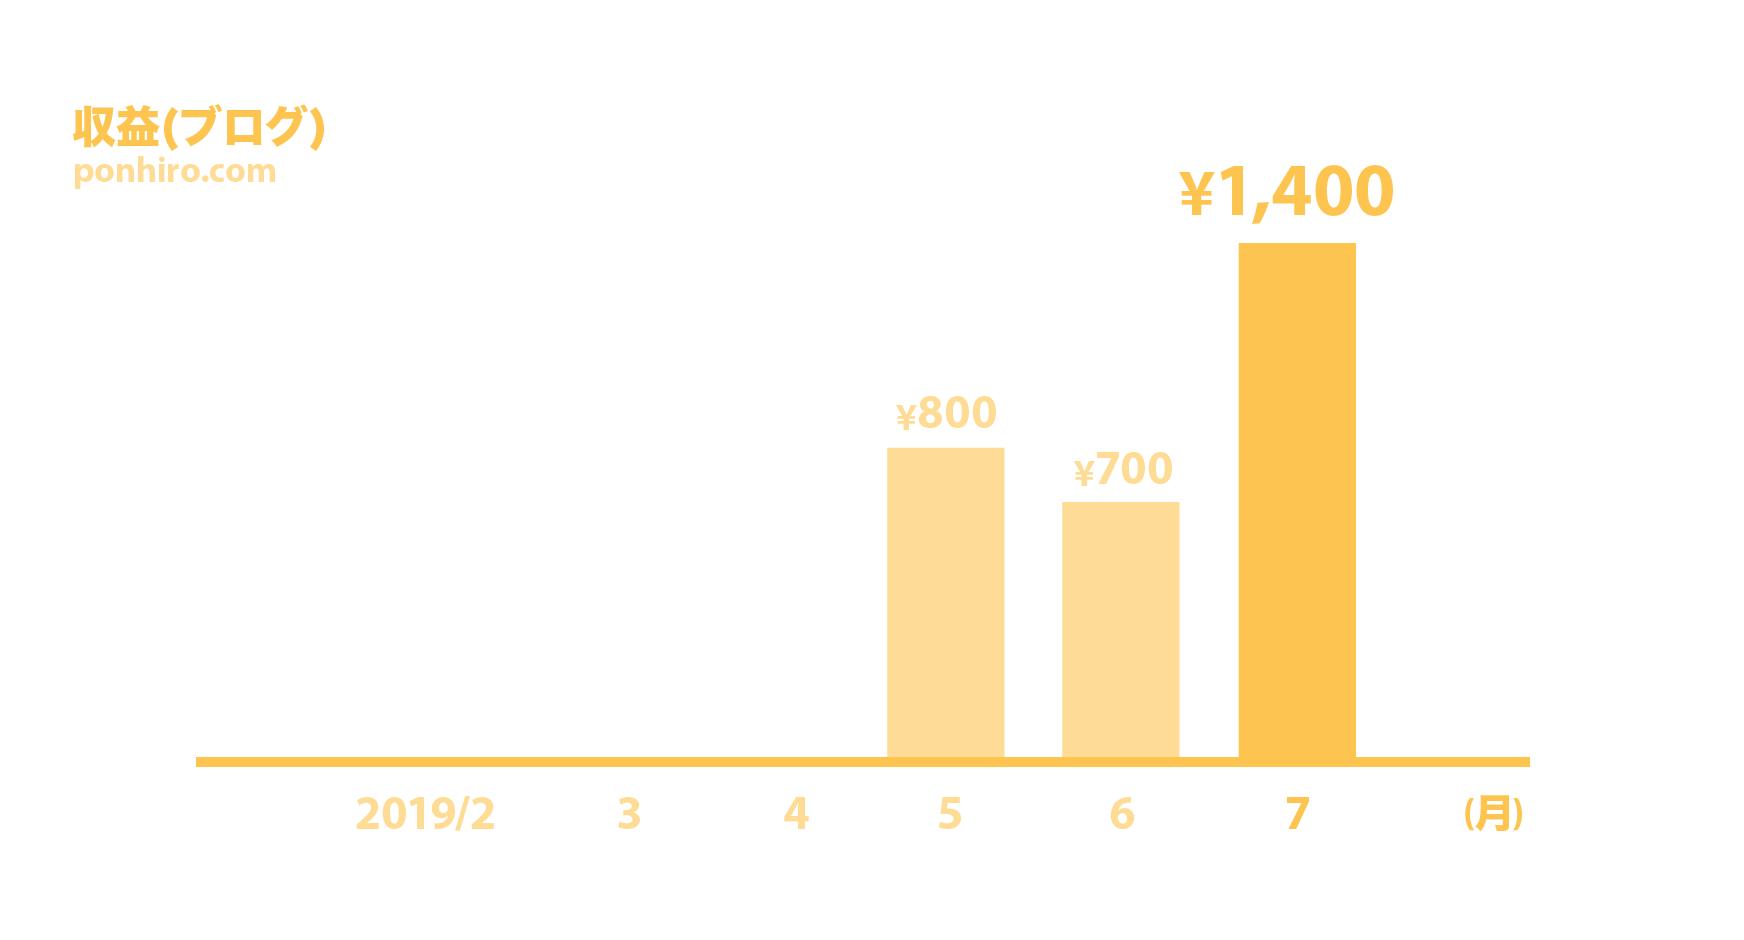 ブログ開設後半年の収益